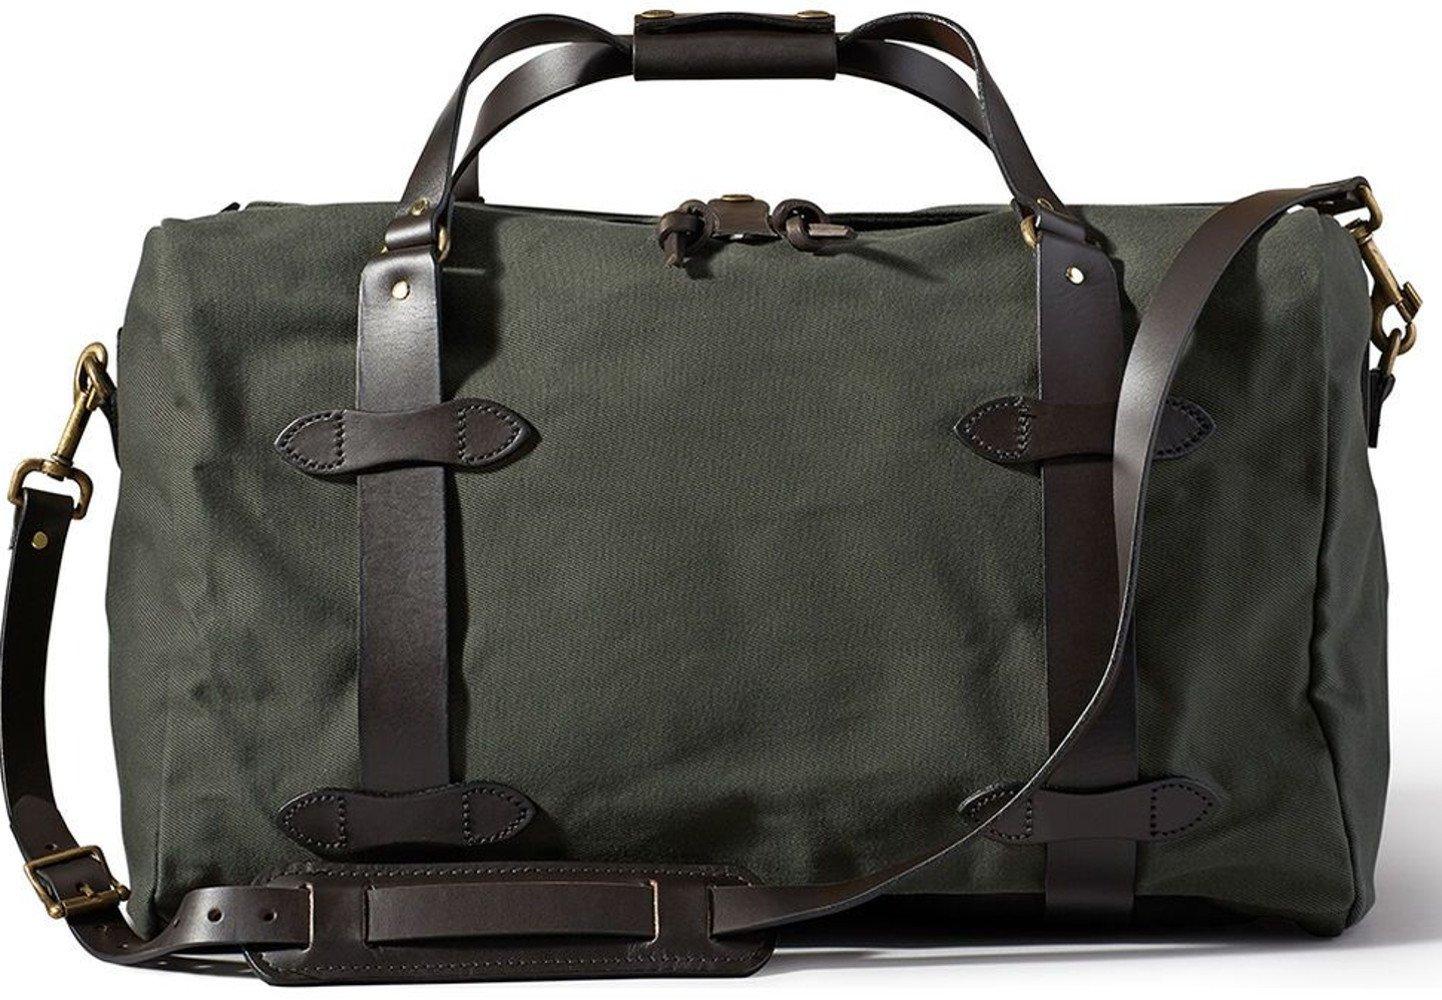 Filson Medium Duffle Bag Otter Green